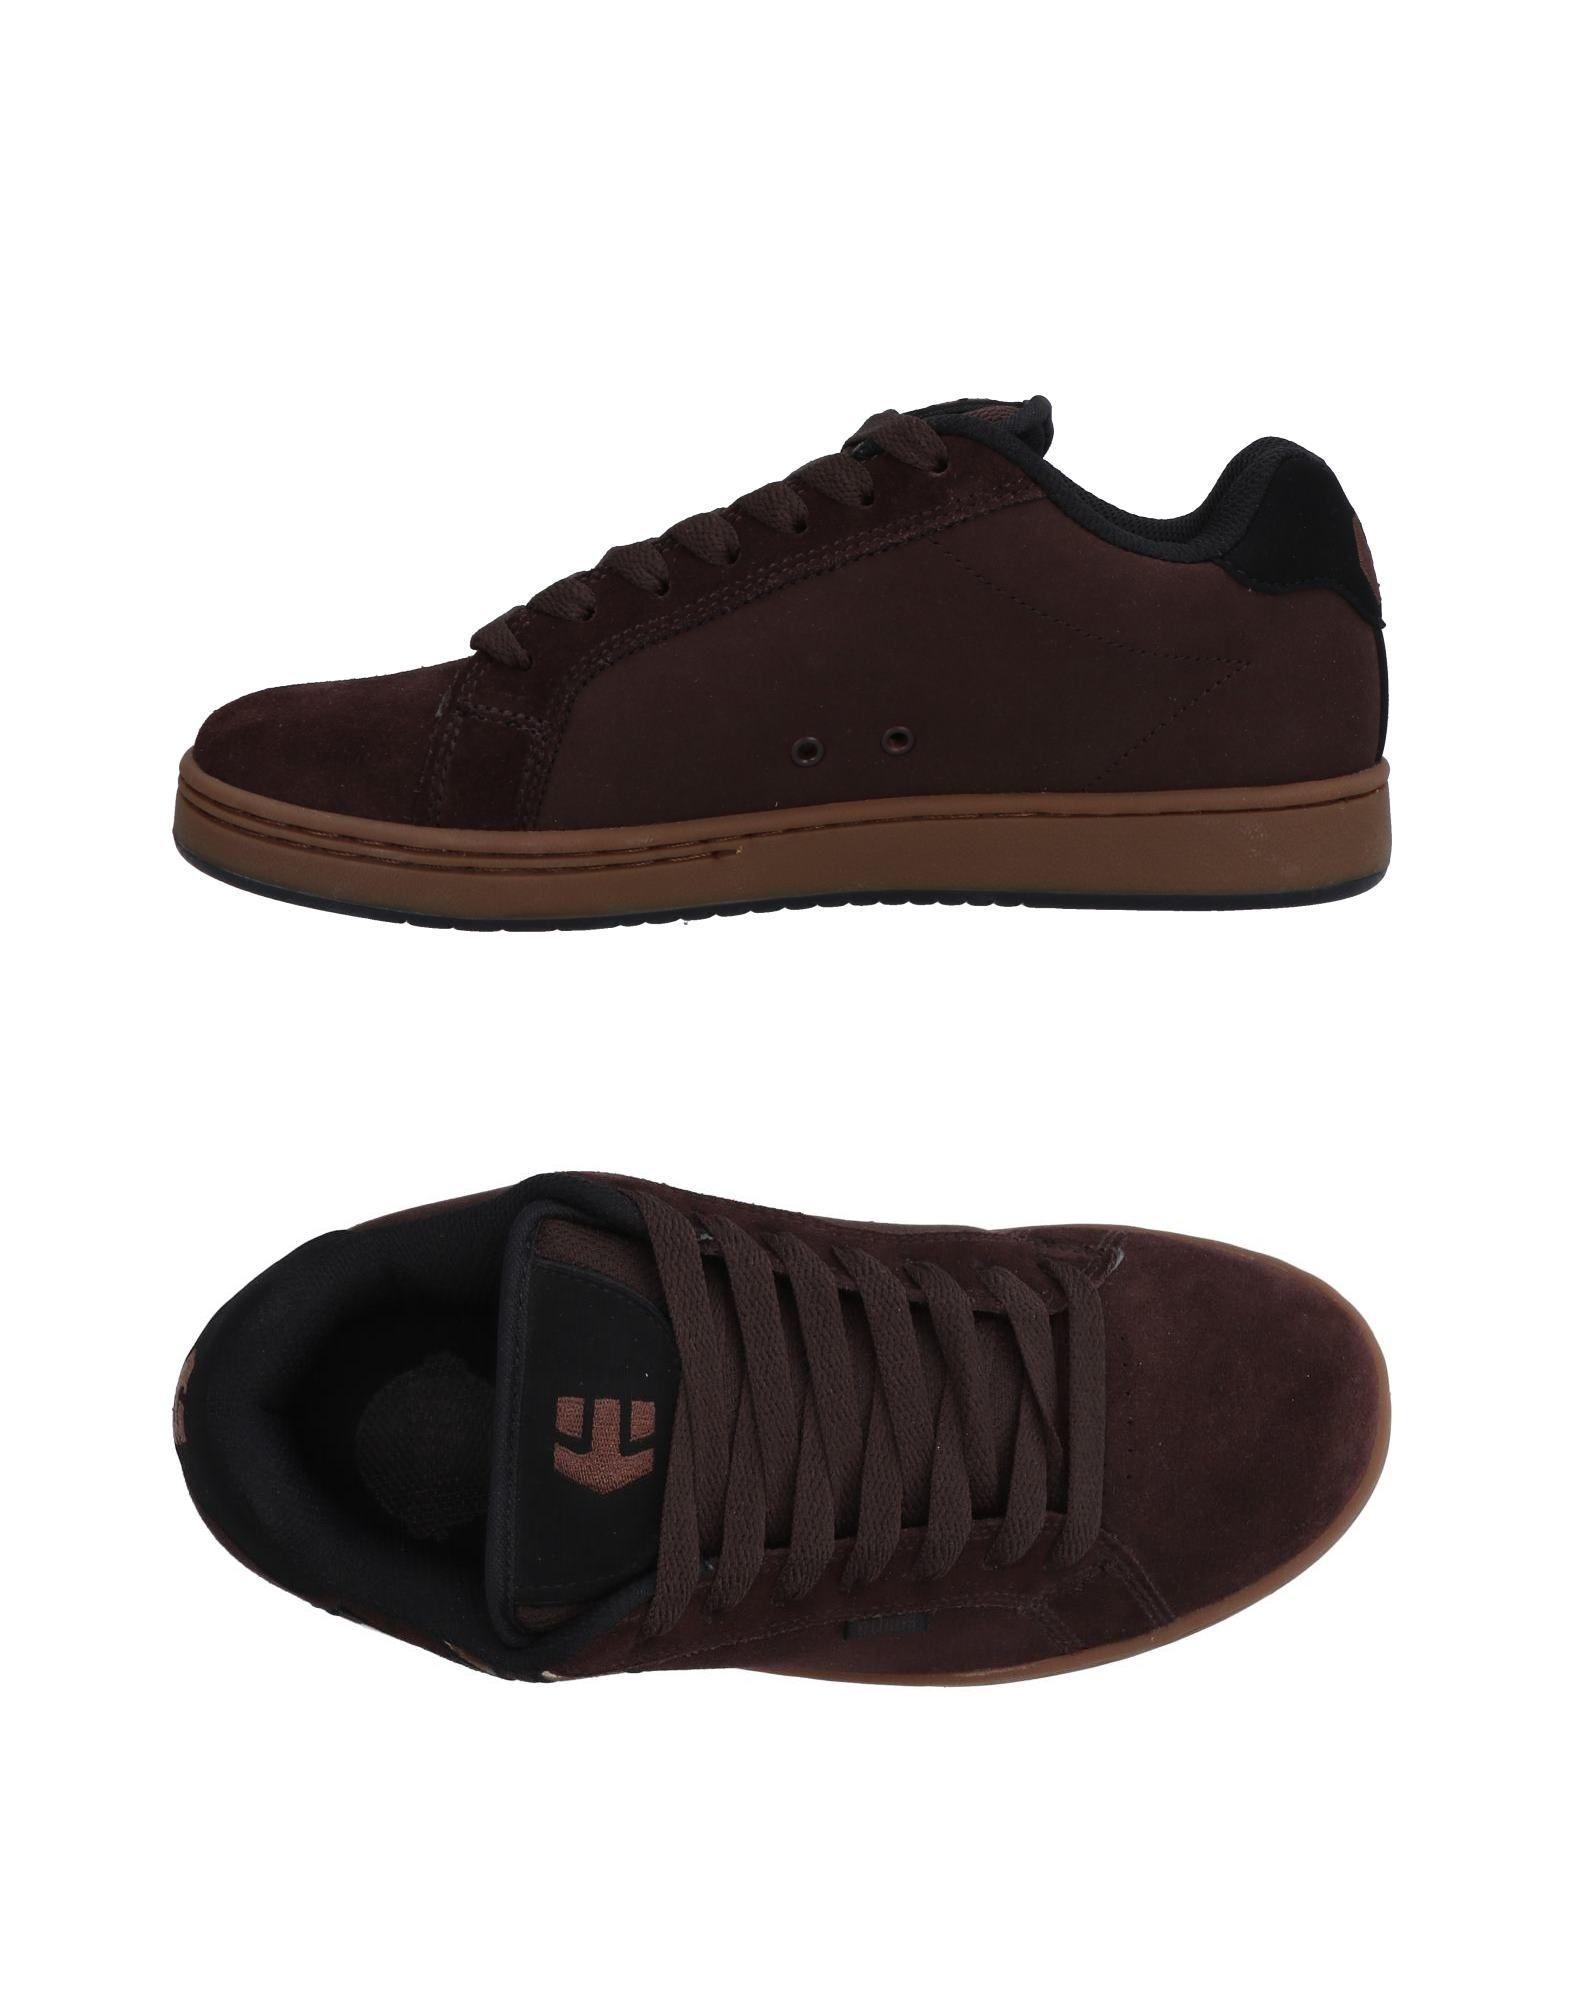 Scarpe economiche e resistenti Sneakers Etnies Uomo - 11507379PP